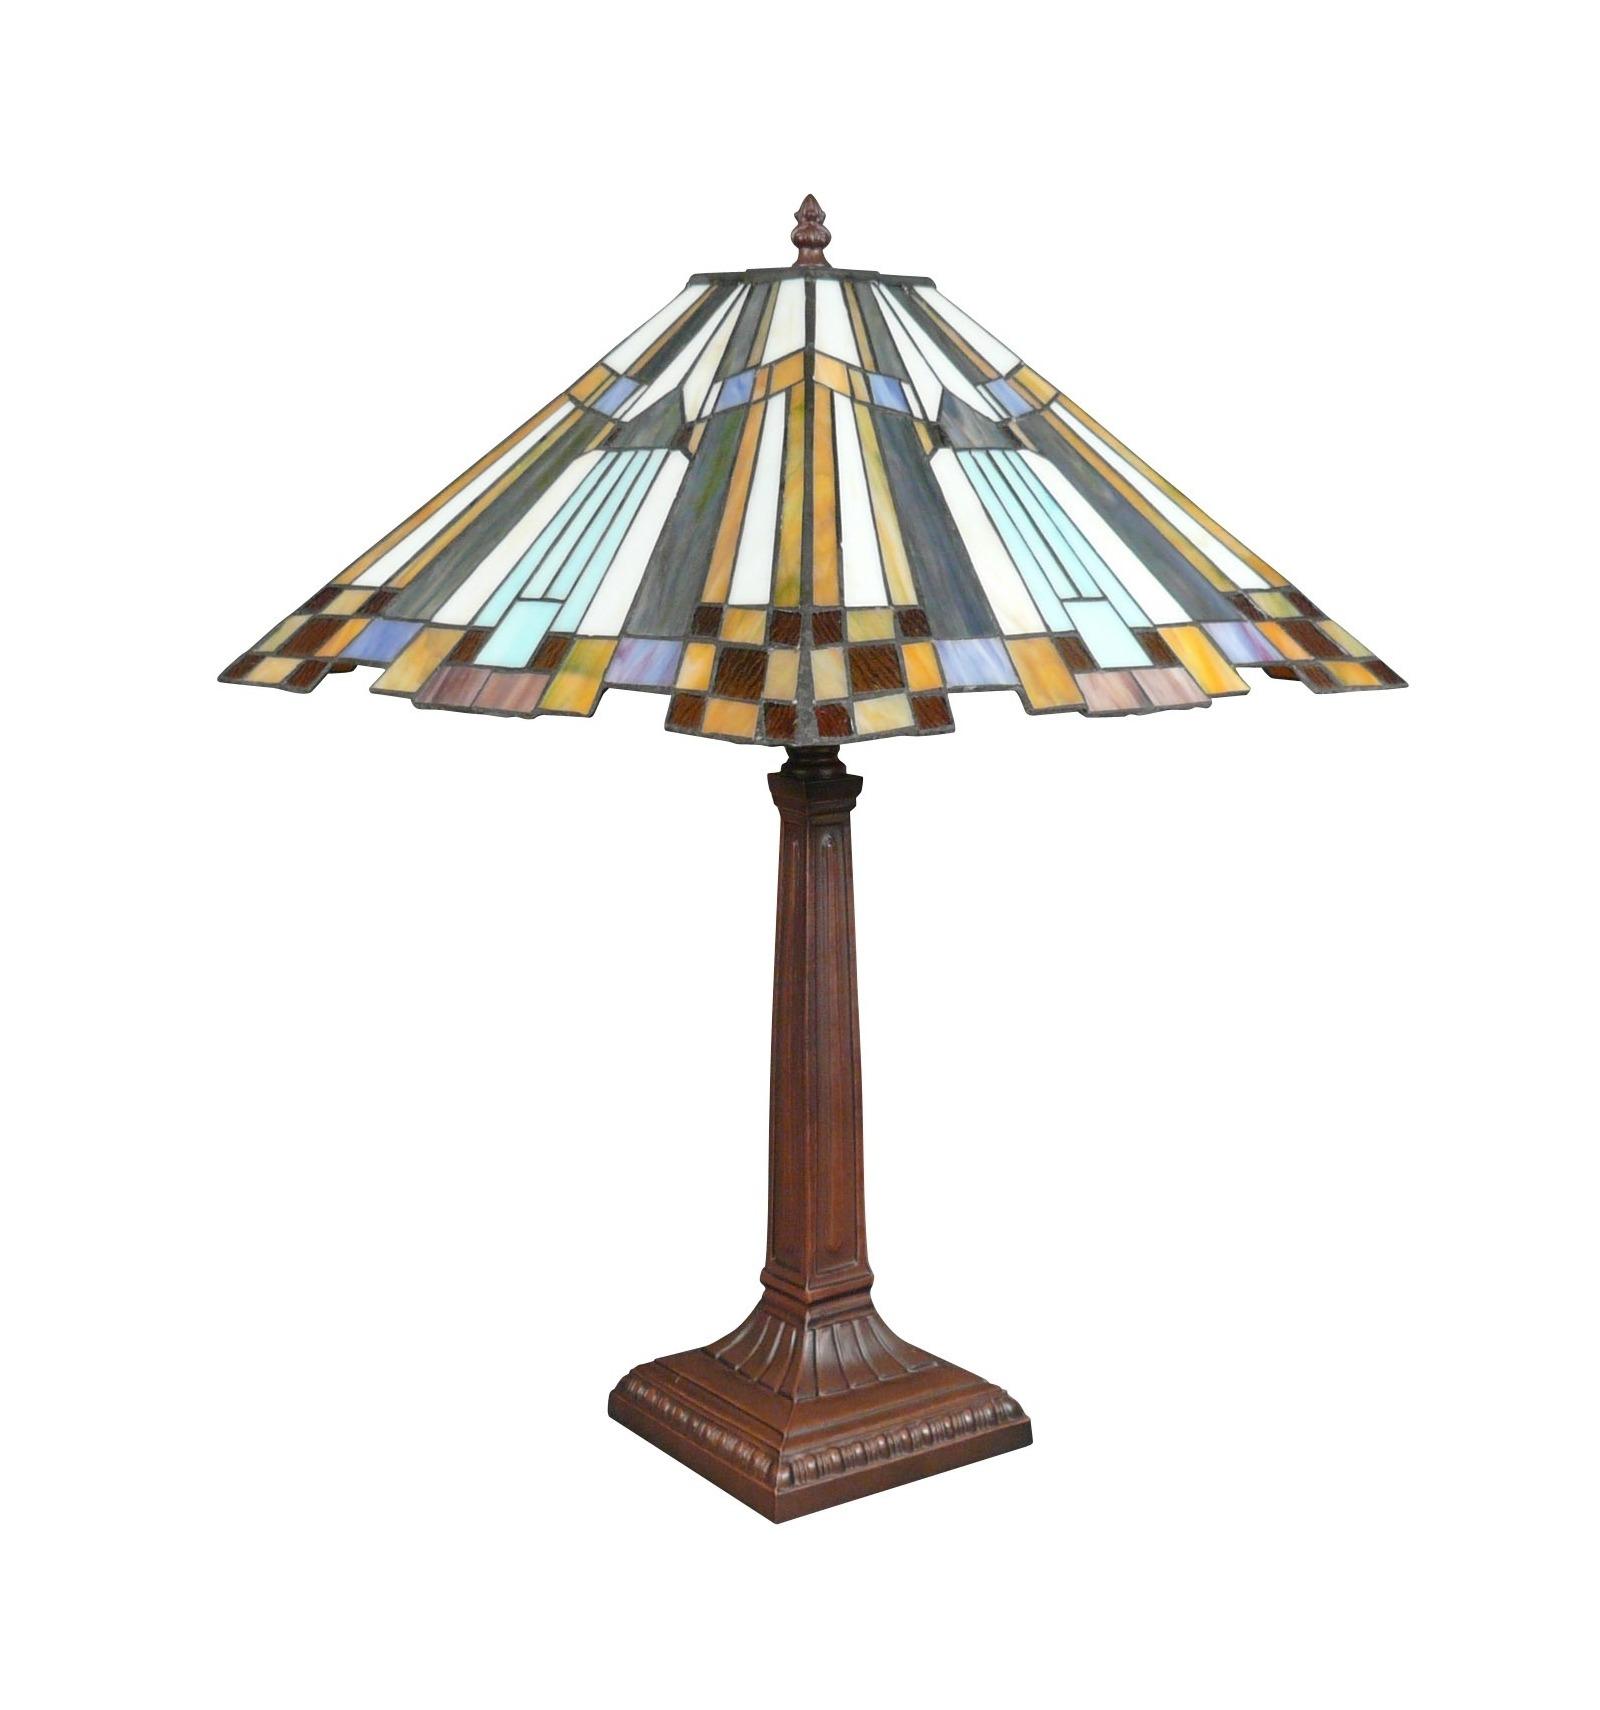 lampe tiffany chandeliers stehlampen jugendstil. Black Bedroom Furniture Sets. Home Design Ideas